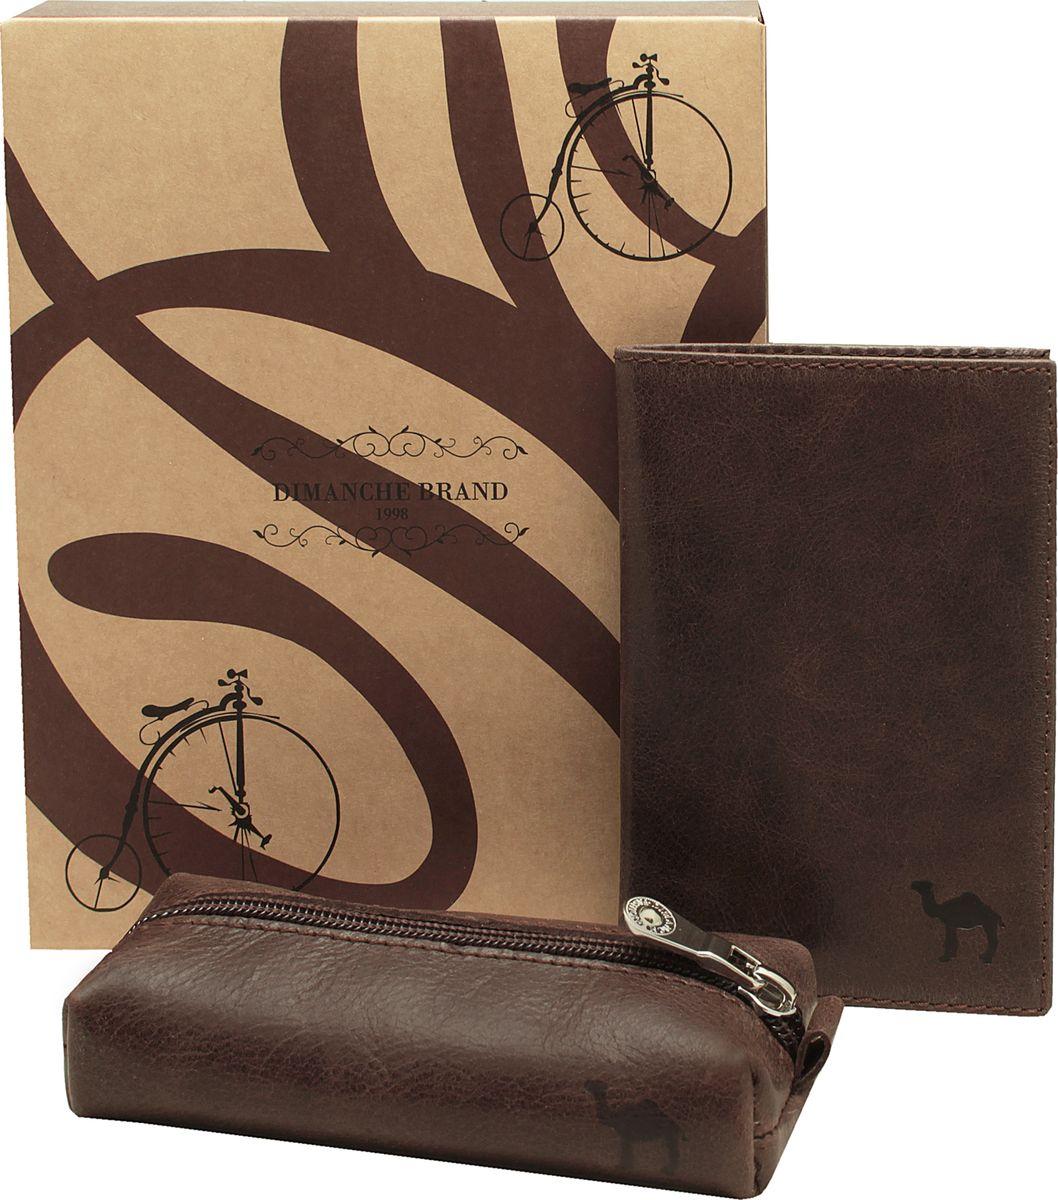 Набор подарочный мужской Dimanche Camel, цвет: коричневый. 389/630К/636К389/630К/636КНабор состоит из обложки для паспорта и удобной ключницы на молнии. Изделия из мягкой натуральной кожи. Набор упакован в подарочную картонную коробку